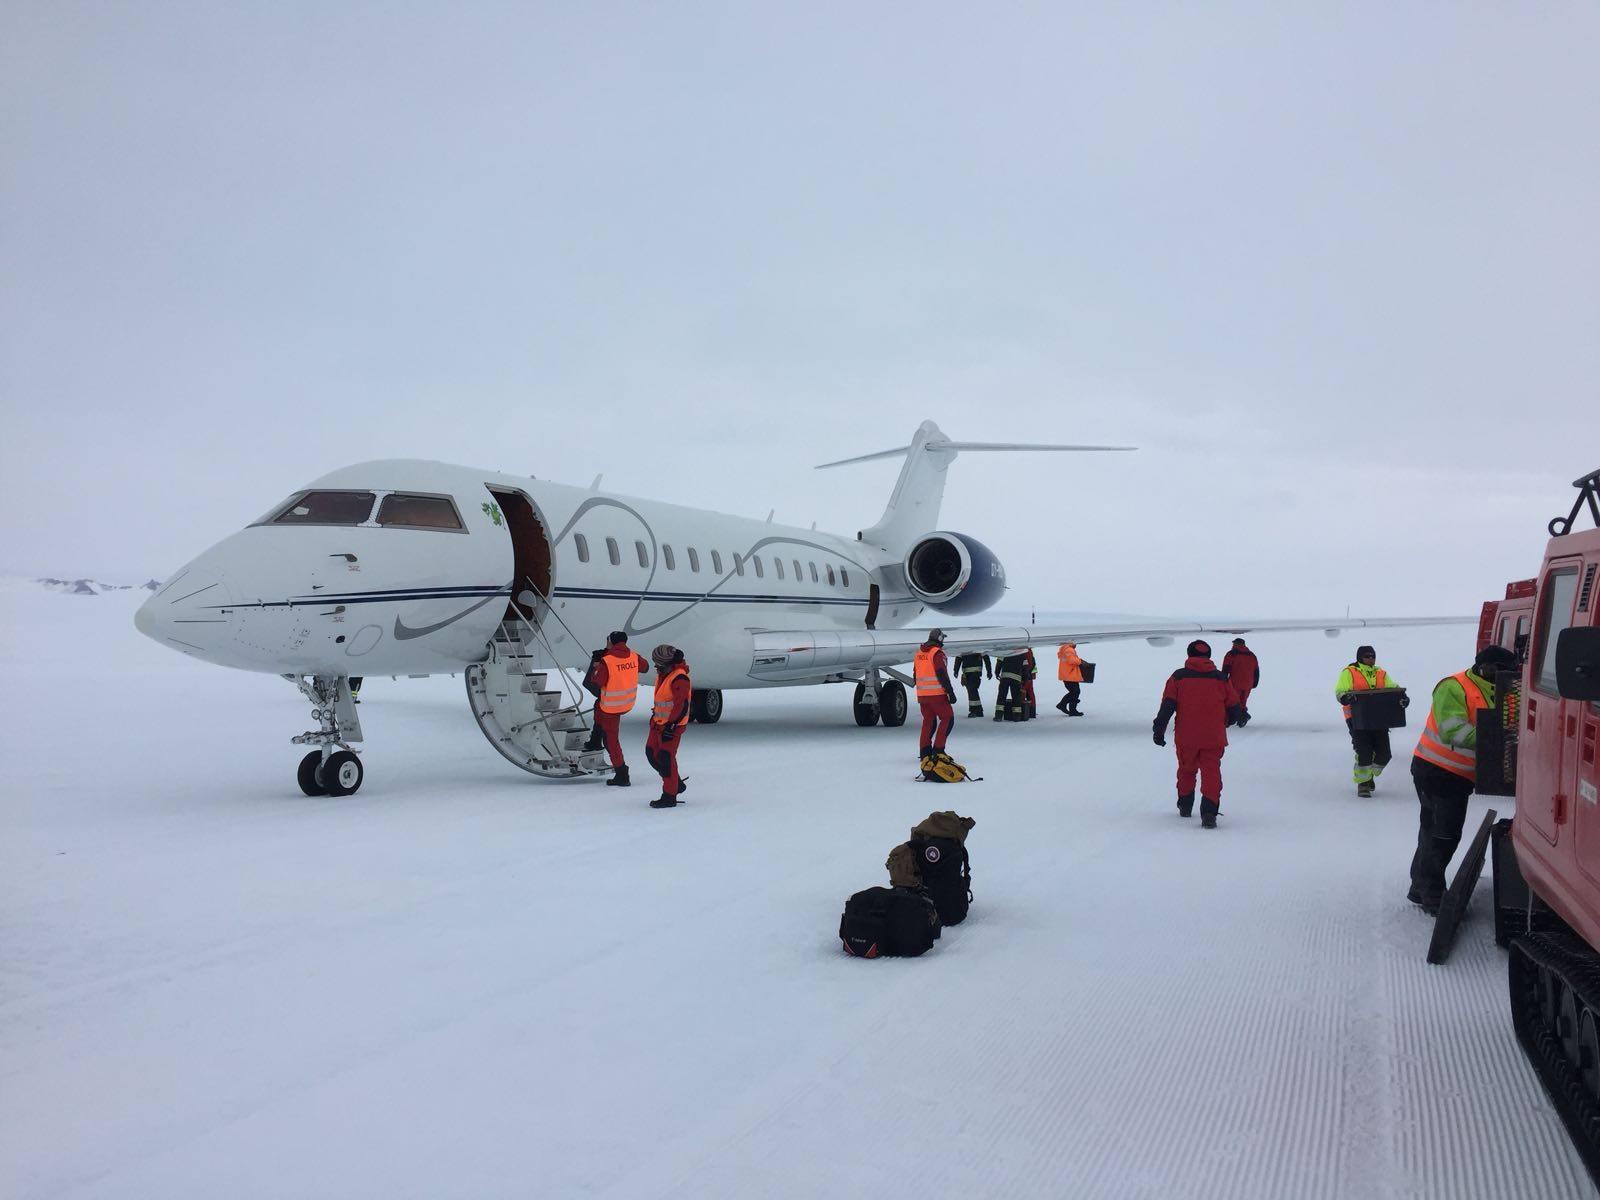 OY-MSI fra ExecuJet Europe ved den første ankomst på Troll Airfield den 1. december 2017. (Foto: ExecuJet Europe)